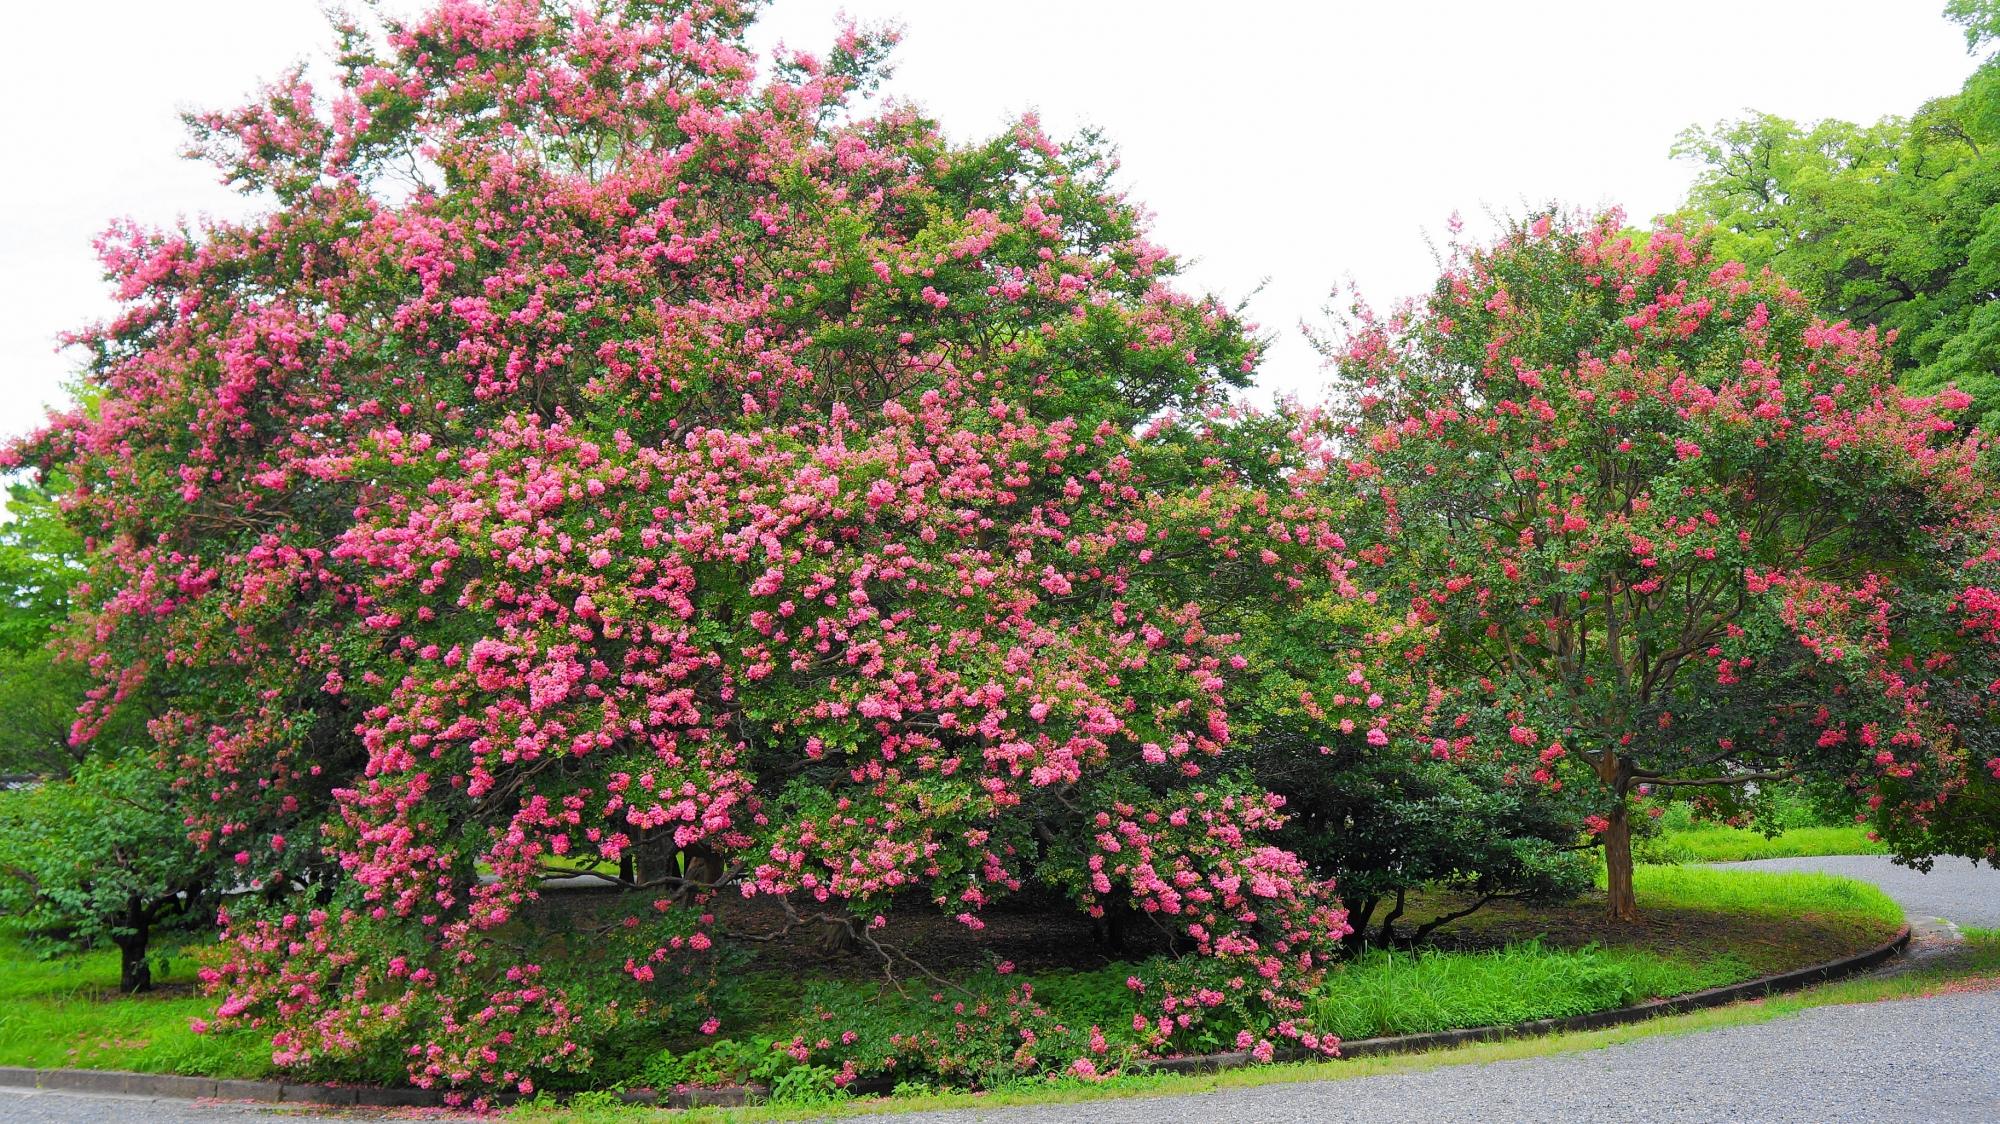 ピンクの花をいっぱいつけた京都御苑の閑院宮邸跡前の百日紅(サルスベリ)